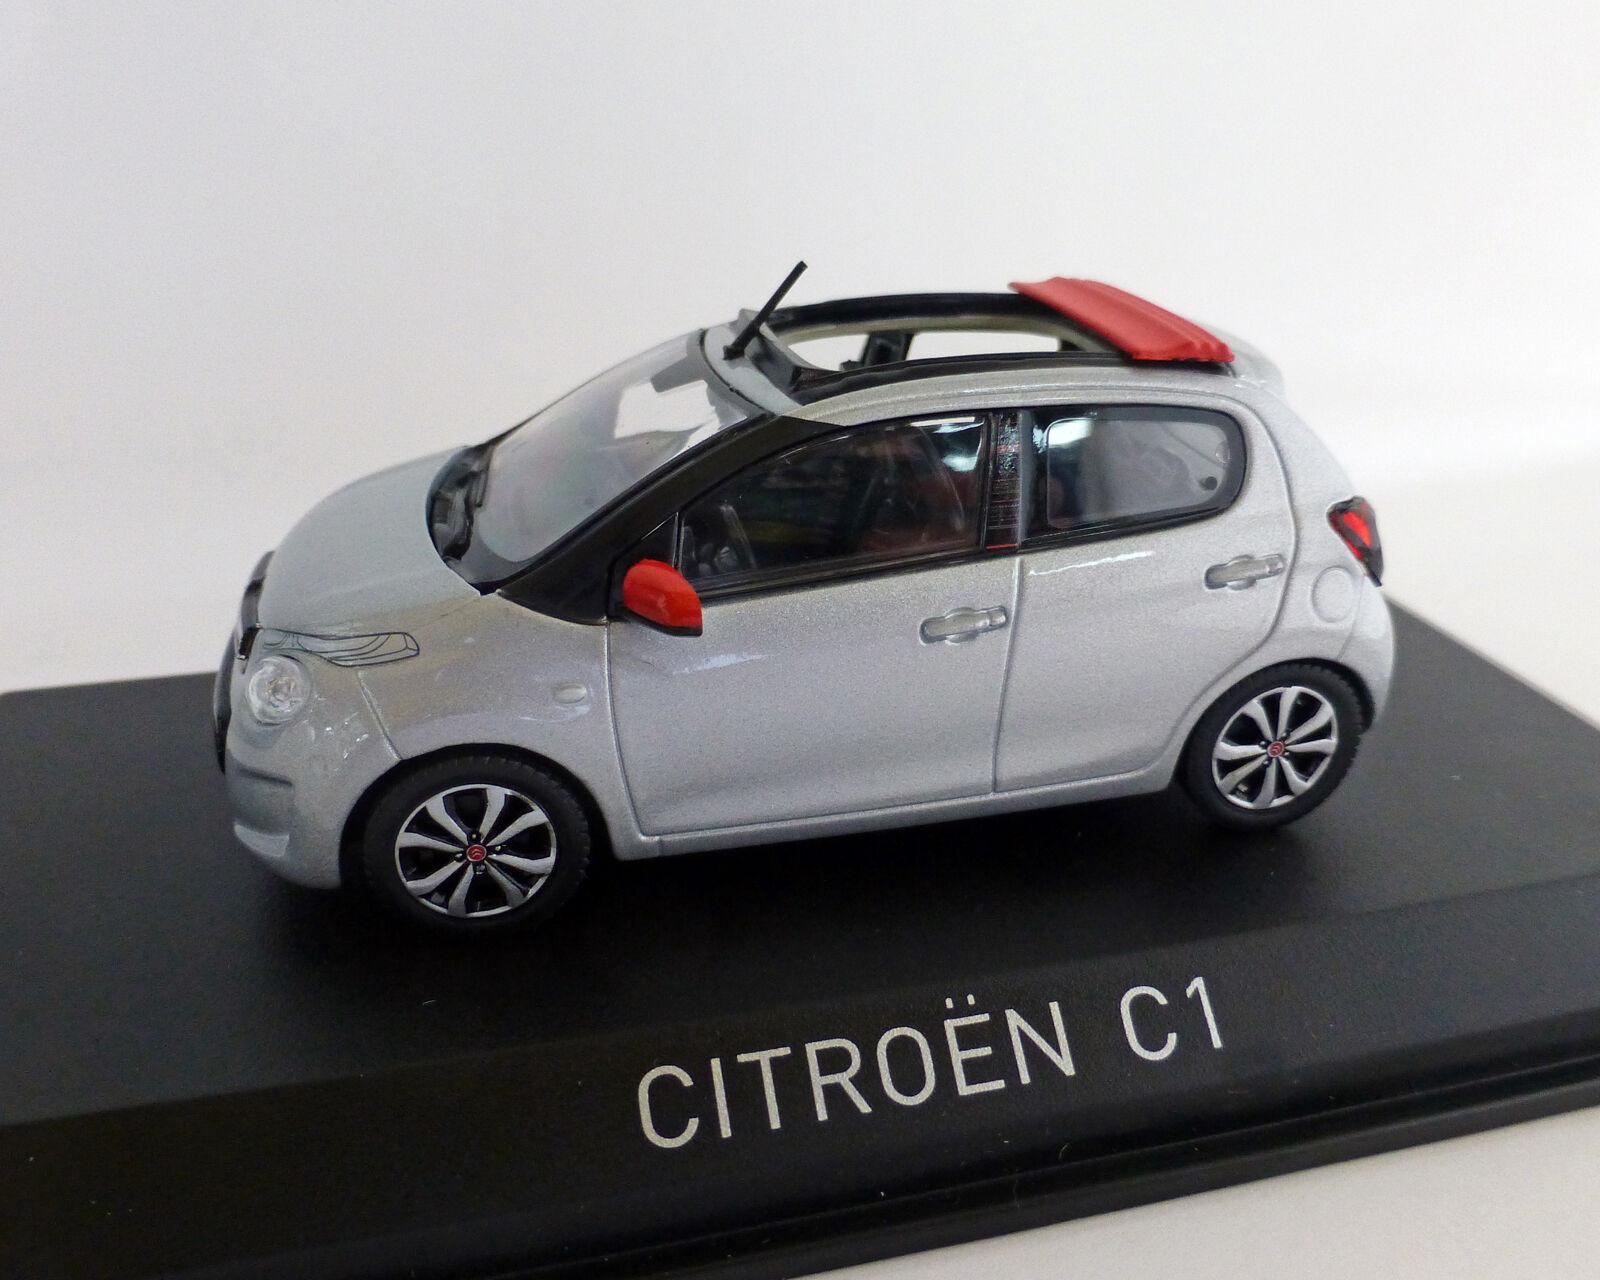 Citroen c1 Airscape 2014, 2014, 2014, norev 1 43 d91458